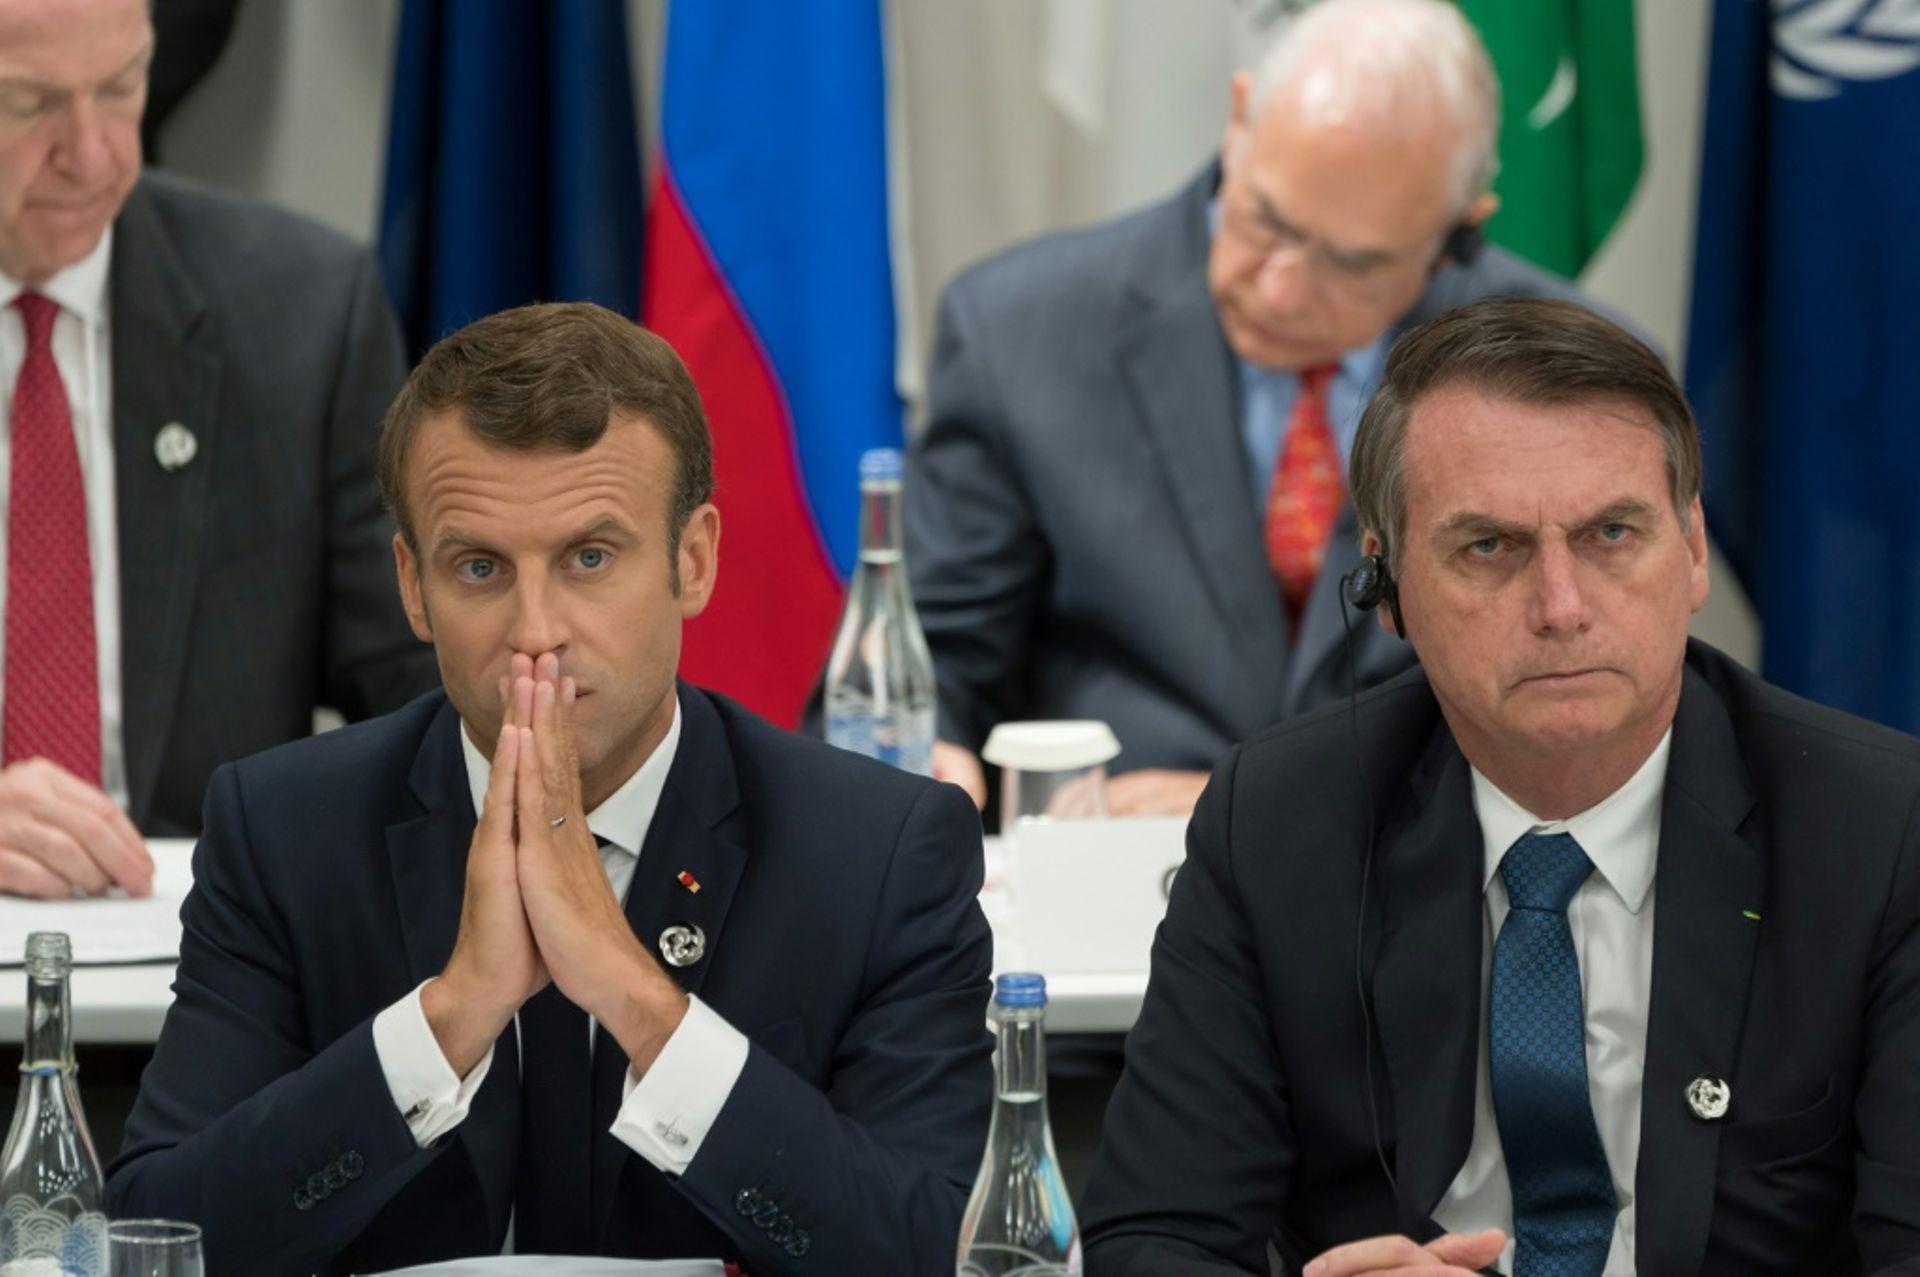 Partenariat stratégique France-Brésil : rencontre des deux chefs d'état-major